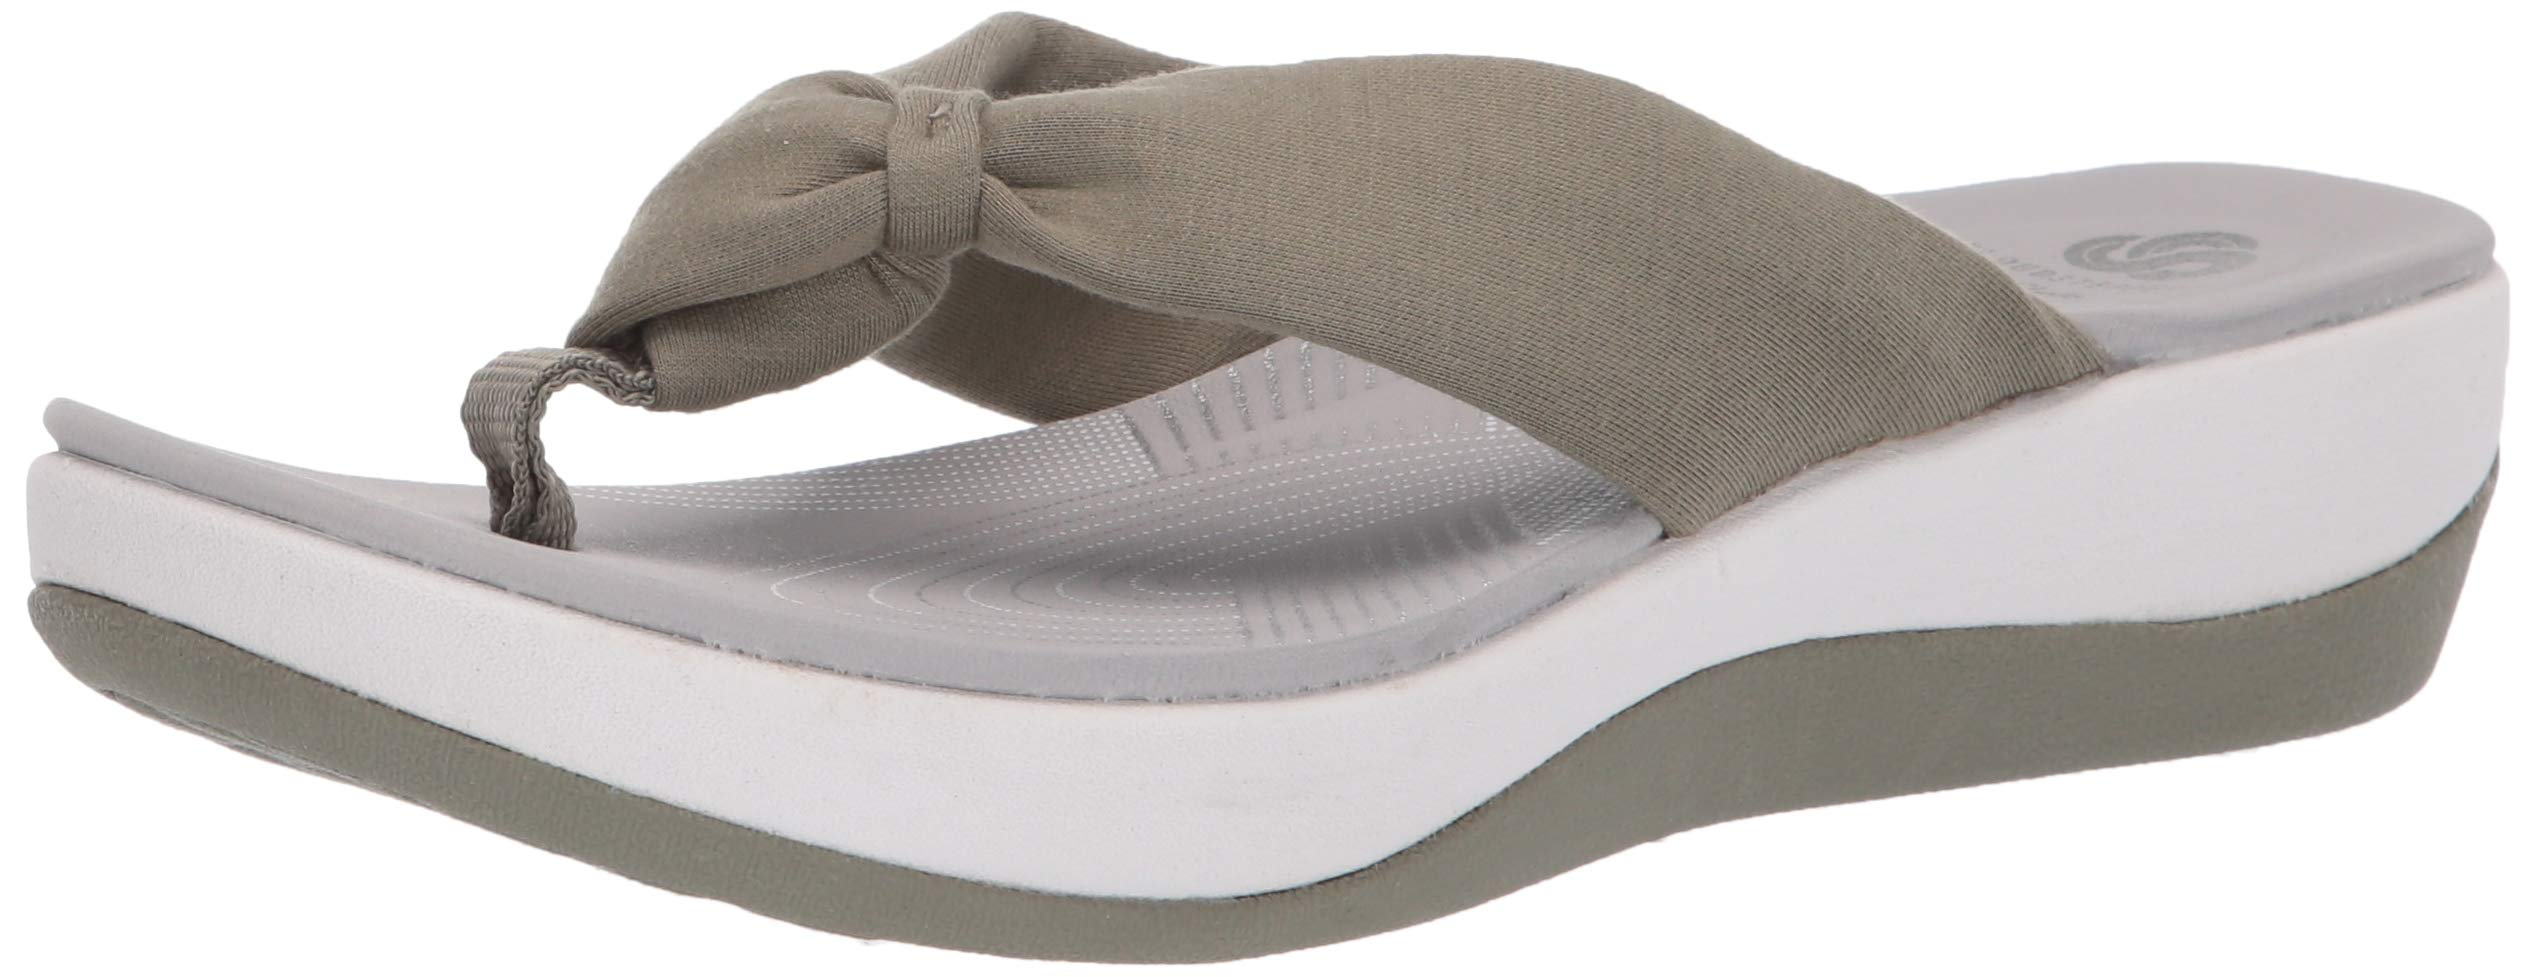 Clarks Women's Arla Glison Flip Flop product image